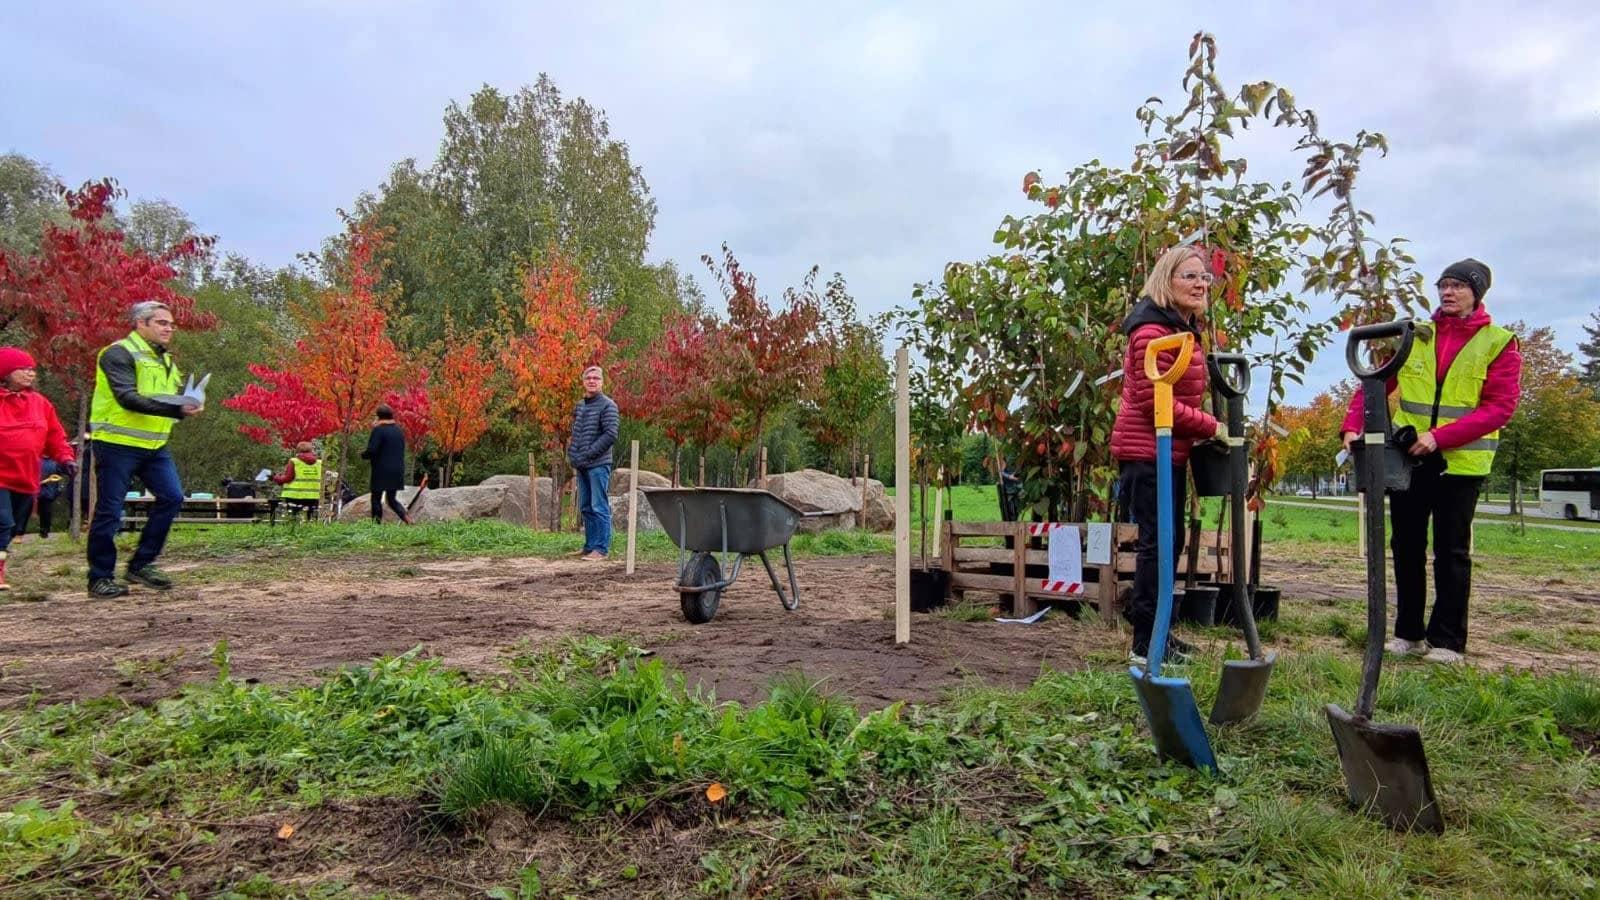 ihmisiä seisoskelemassa kirsikkapuistossa odottamassa talkoiden alkamista